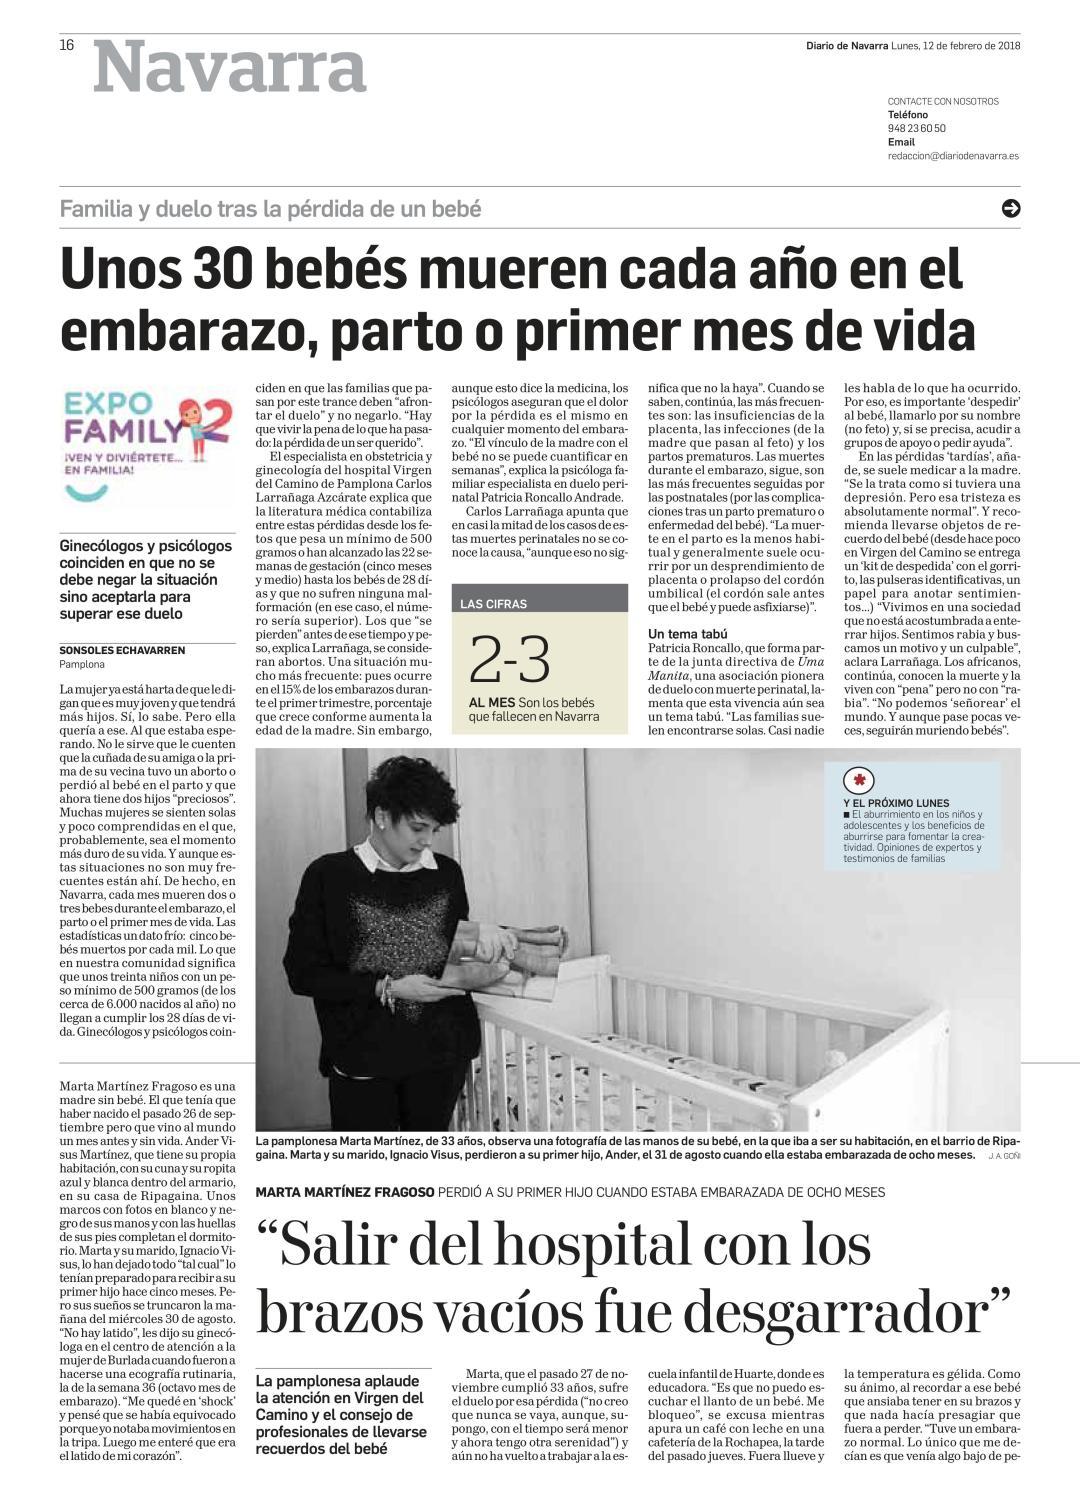 Duelo perinatal Diario de Navarra